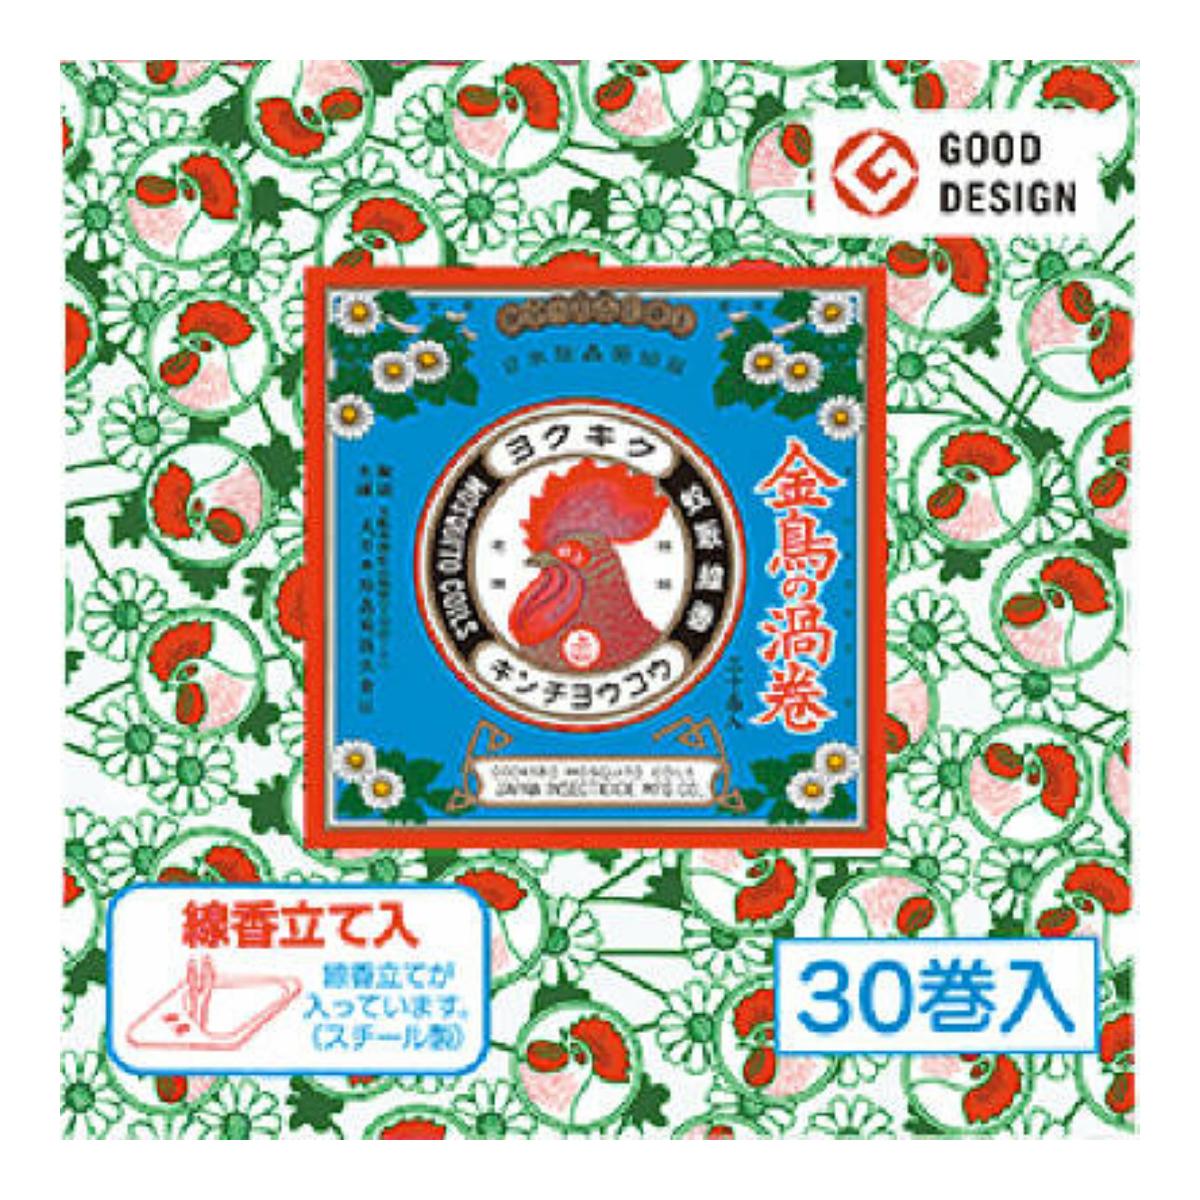 【送料無料】大日本除虫菊 金鳥の渦巻 ミニサイズ 30巻入×24点セット まとめ買い特価!ケース販売 ( 4987115000551 )